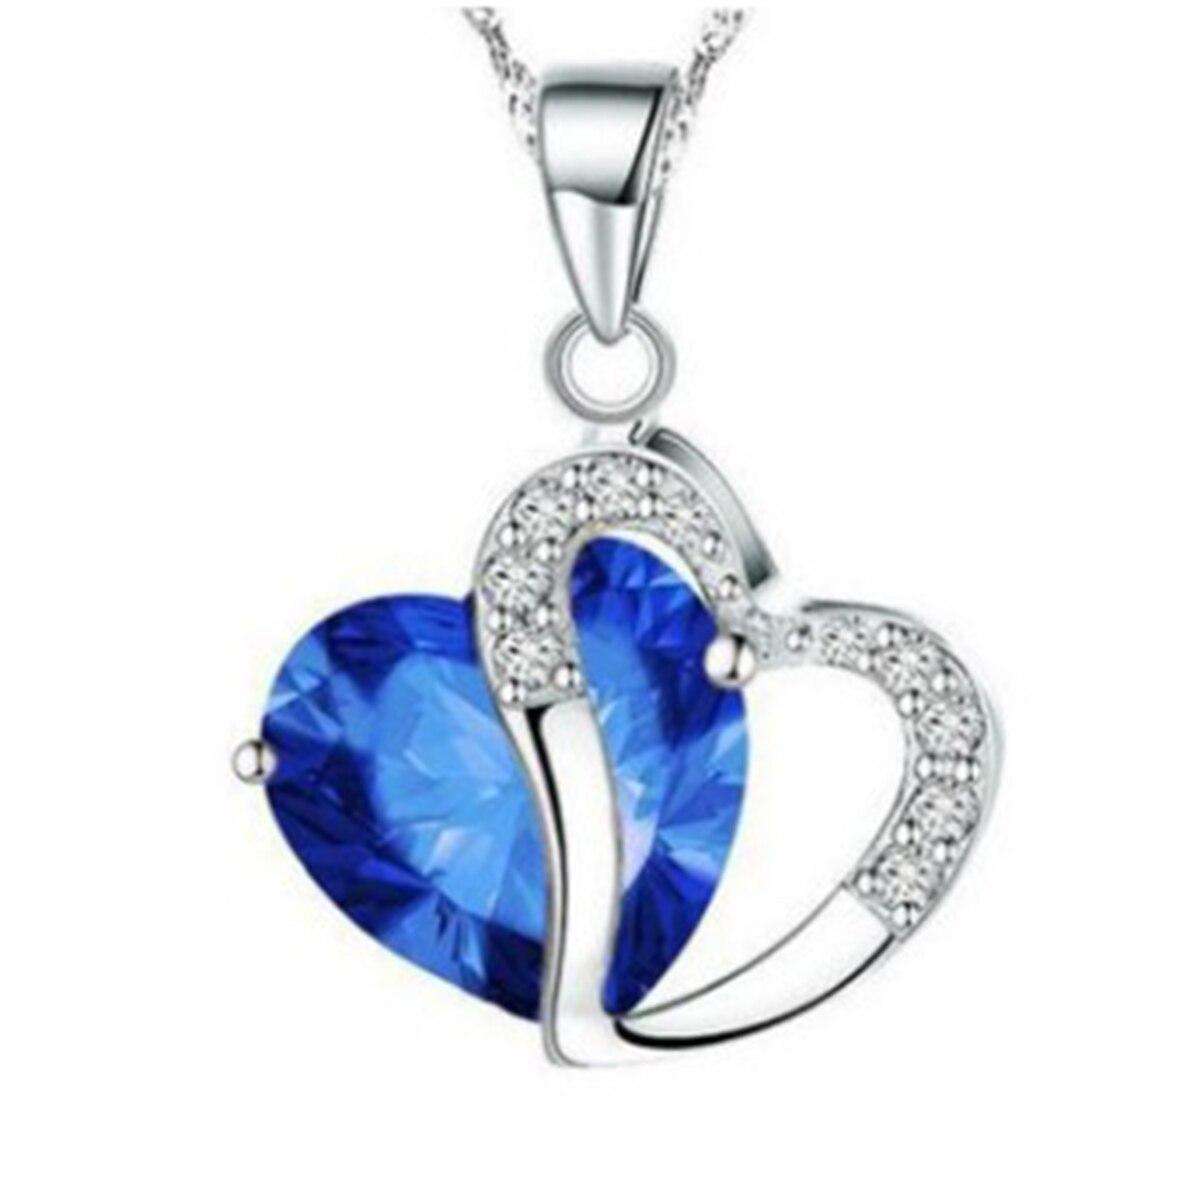 Ожерелье из серии сердец для женщин, серебристое ожерелье с полым сердцем, прозрачное Стразы, свадебная бижутерия длиной 45 см (17 6/8 дюйма), 1 ш...